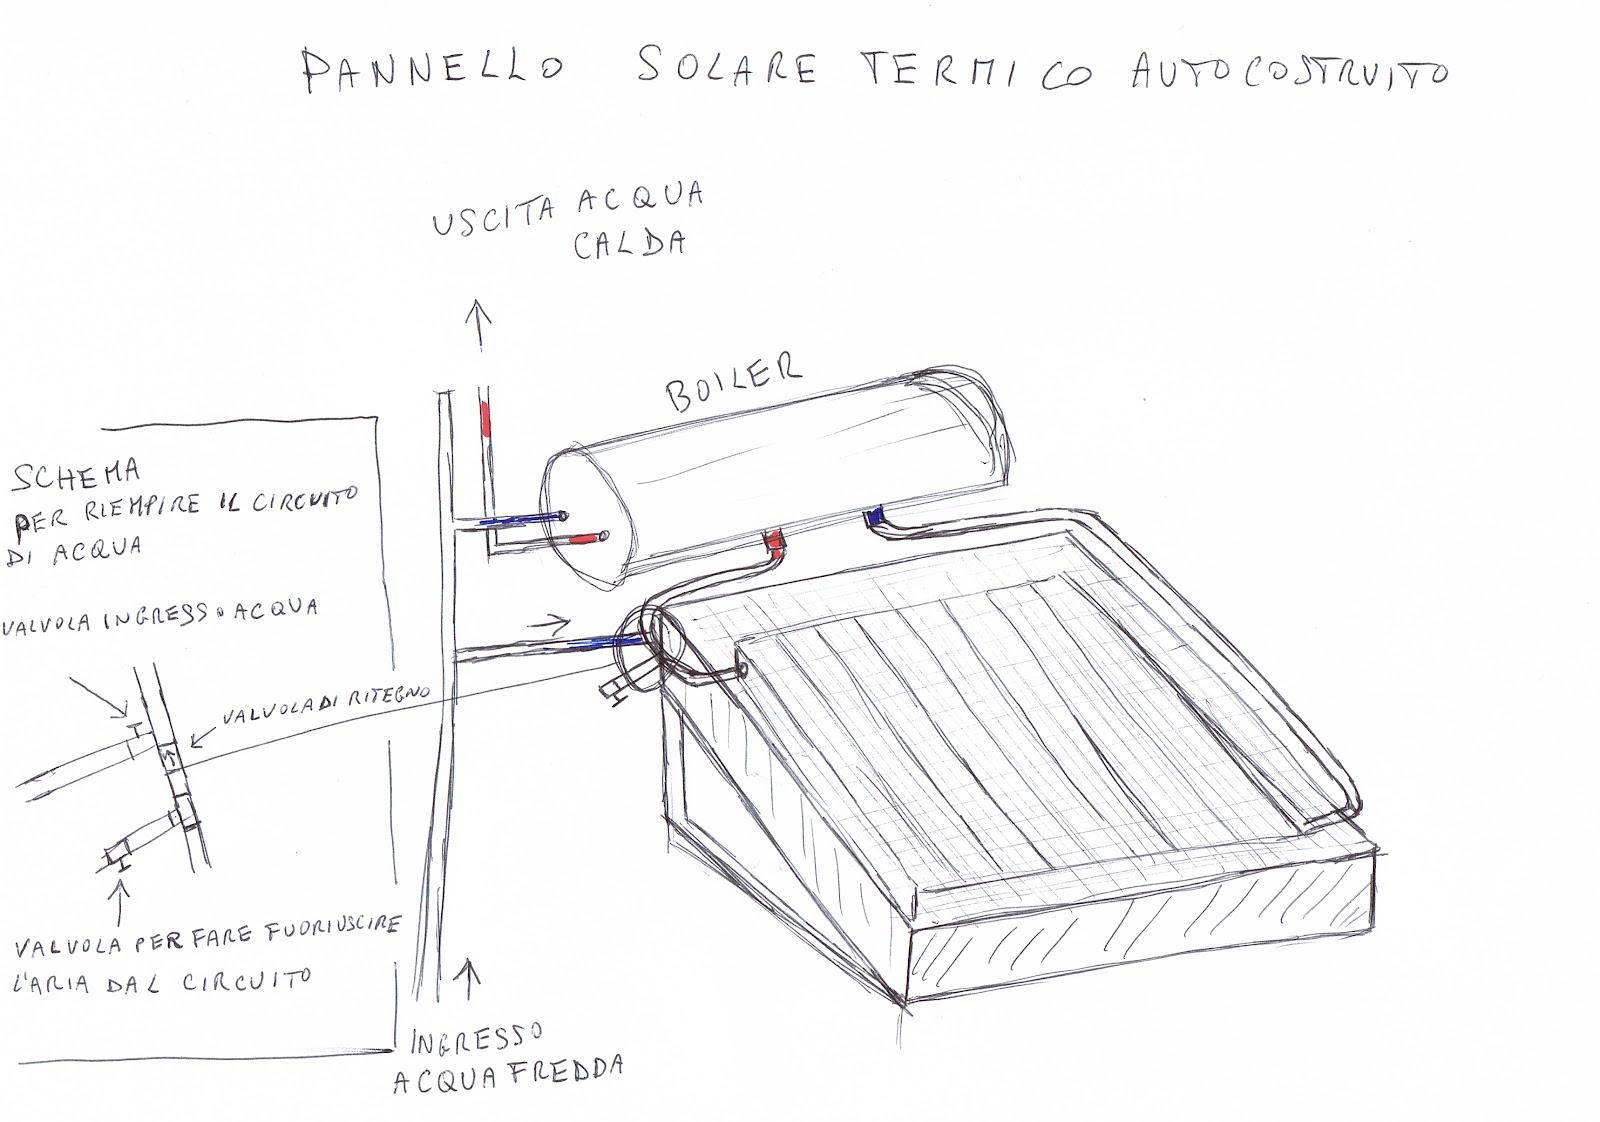 Elettronicahobbyfaidate pannello solare termico auto for Essiccatore solare fai da te